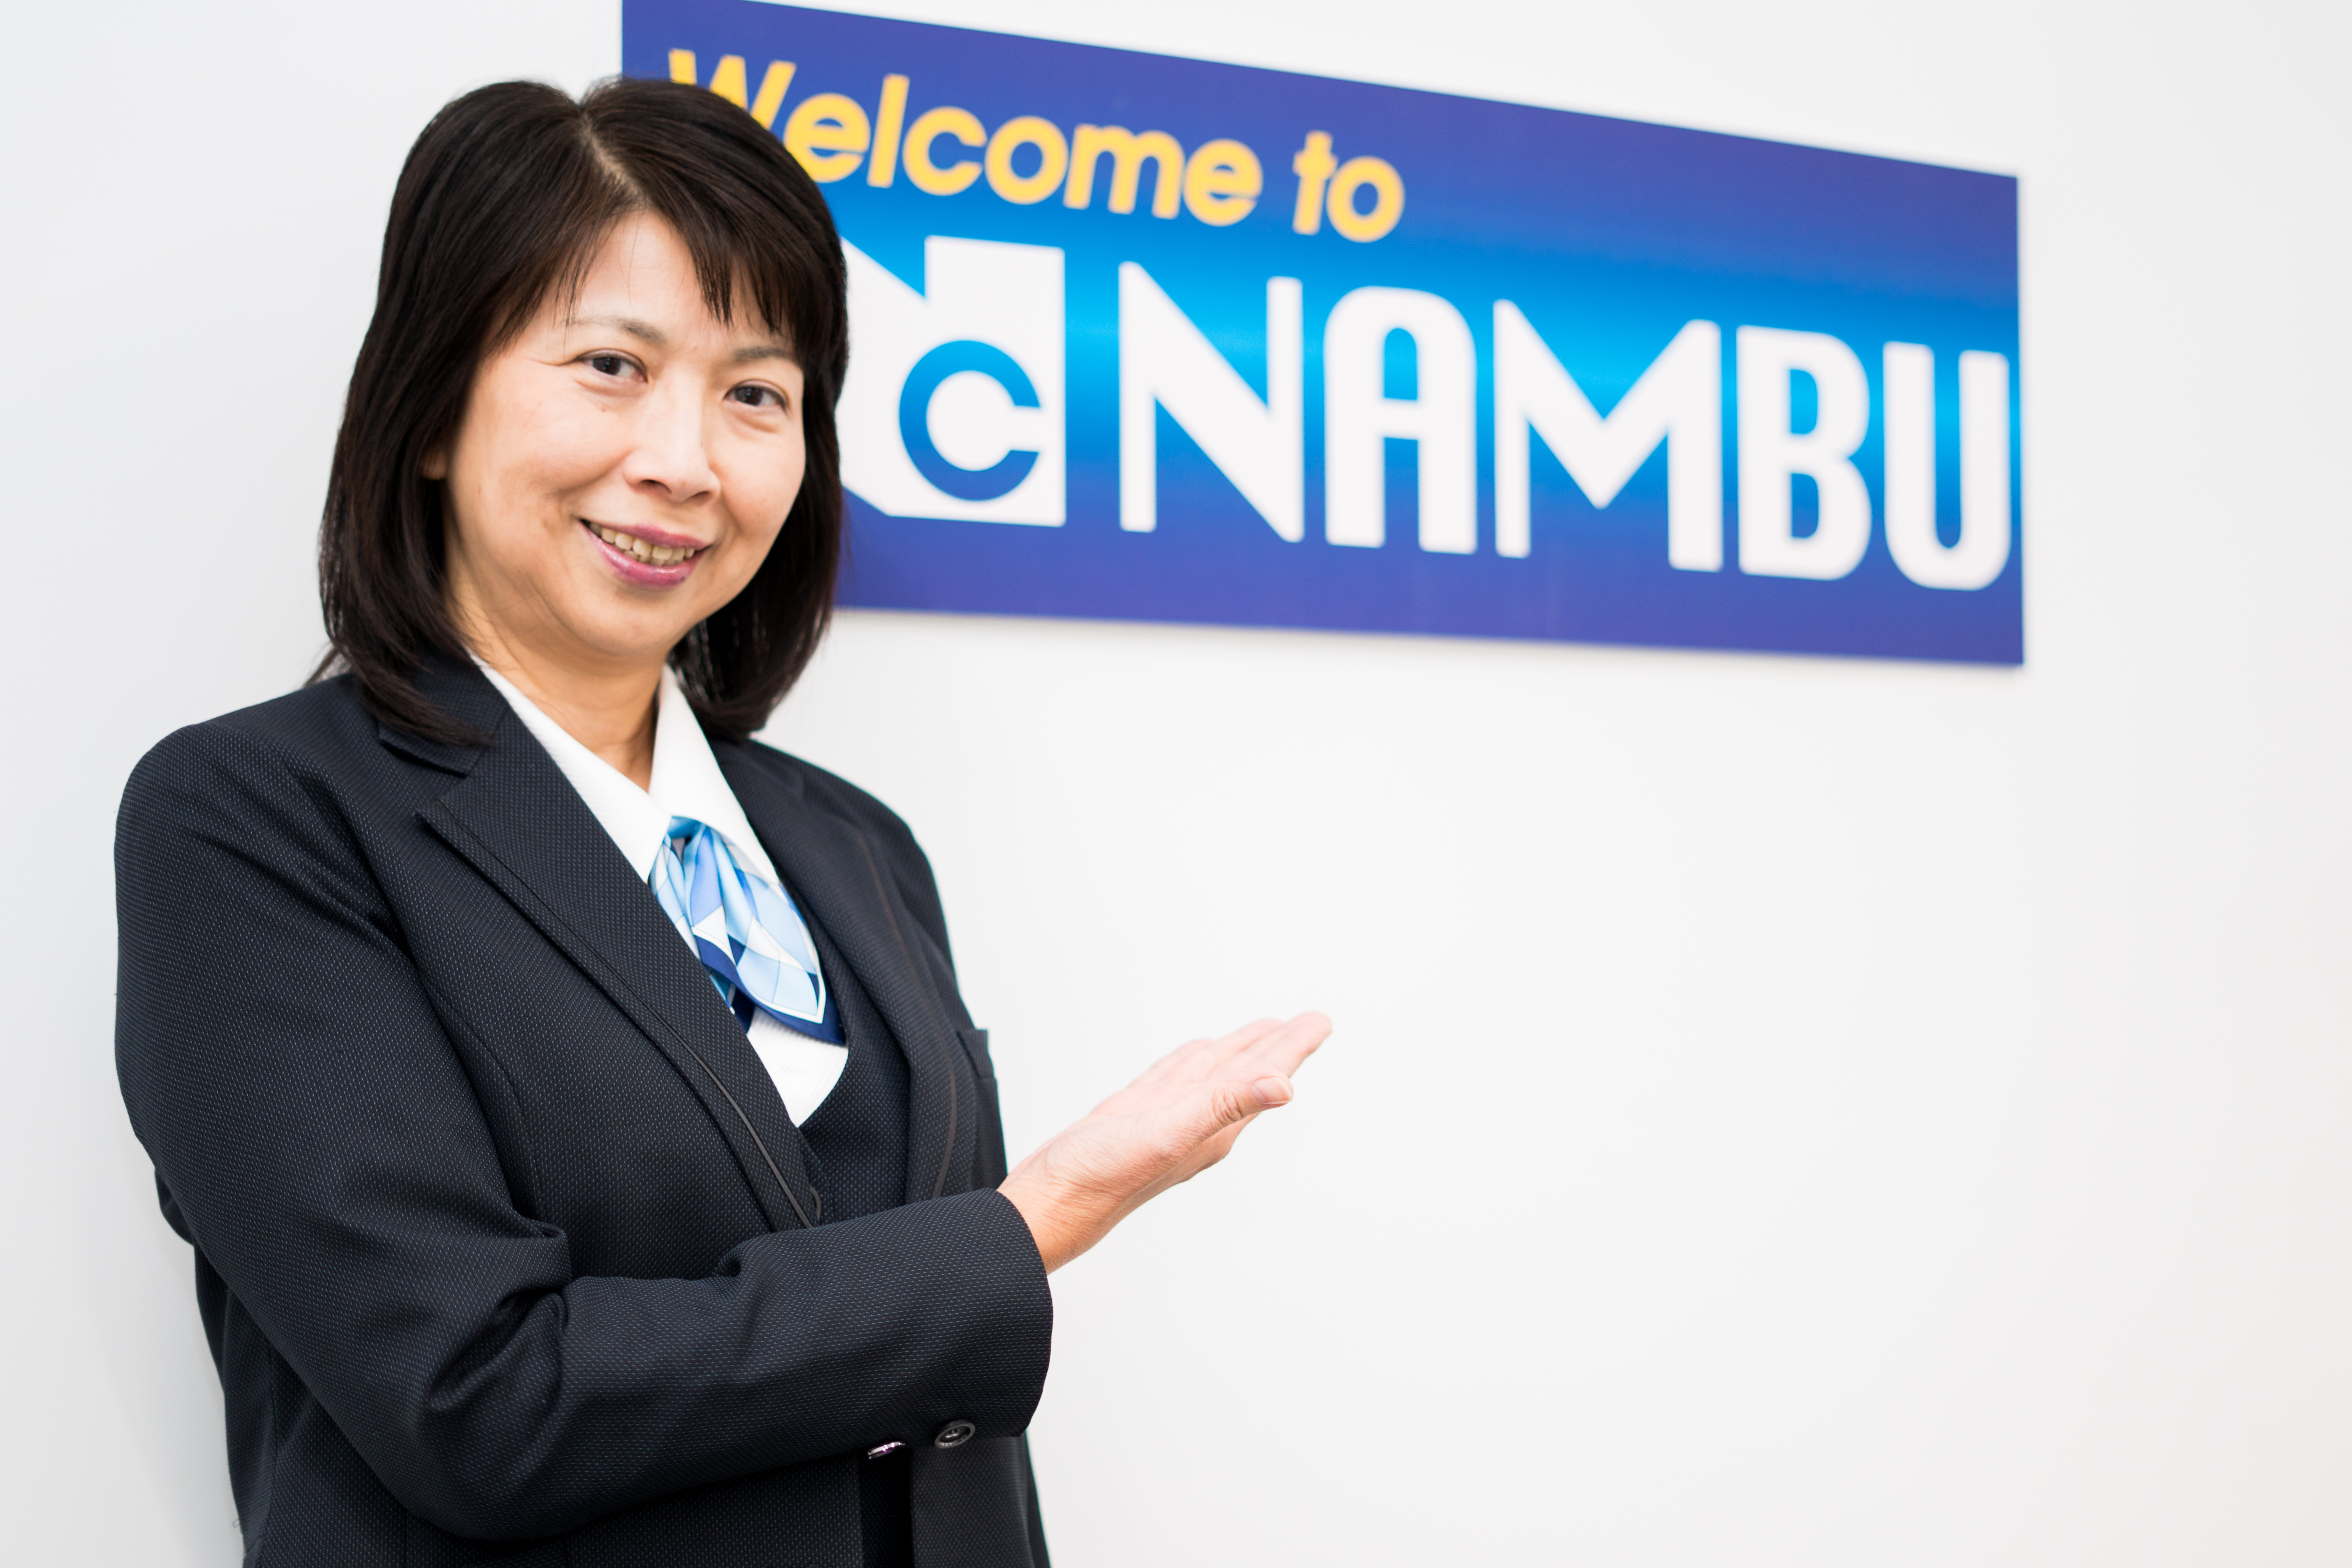 Nambu_198_20181022